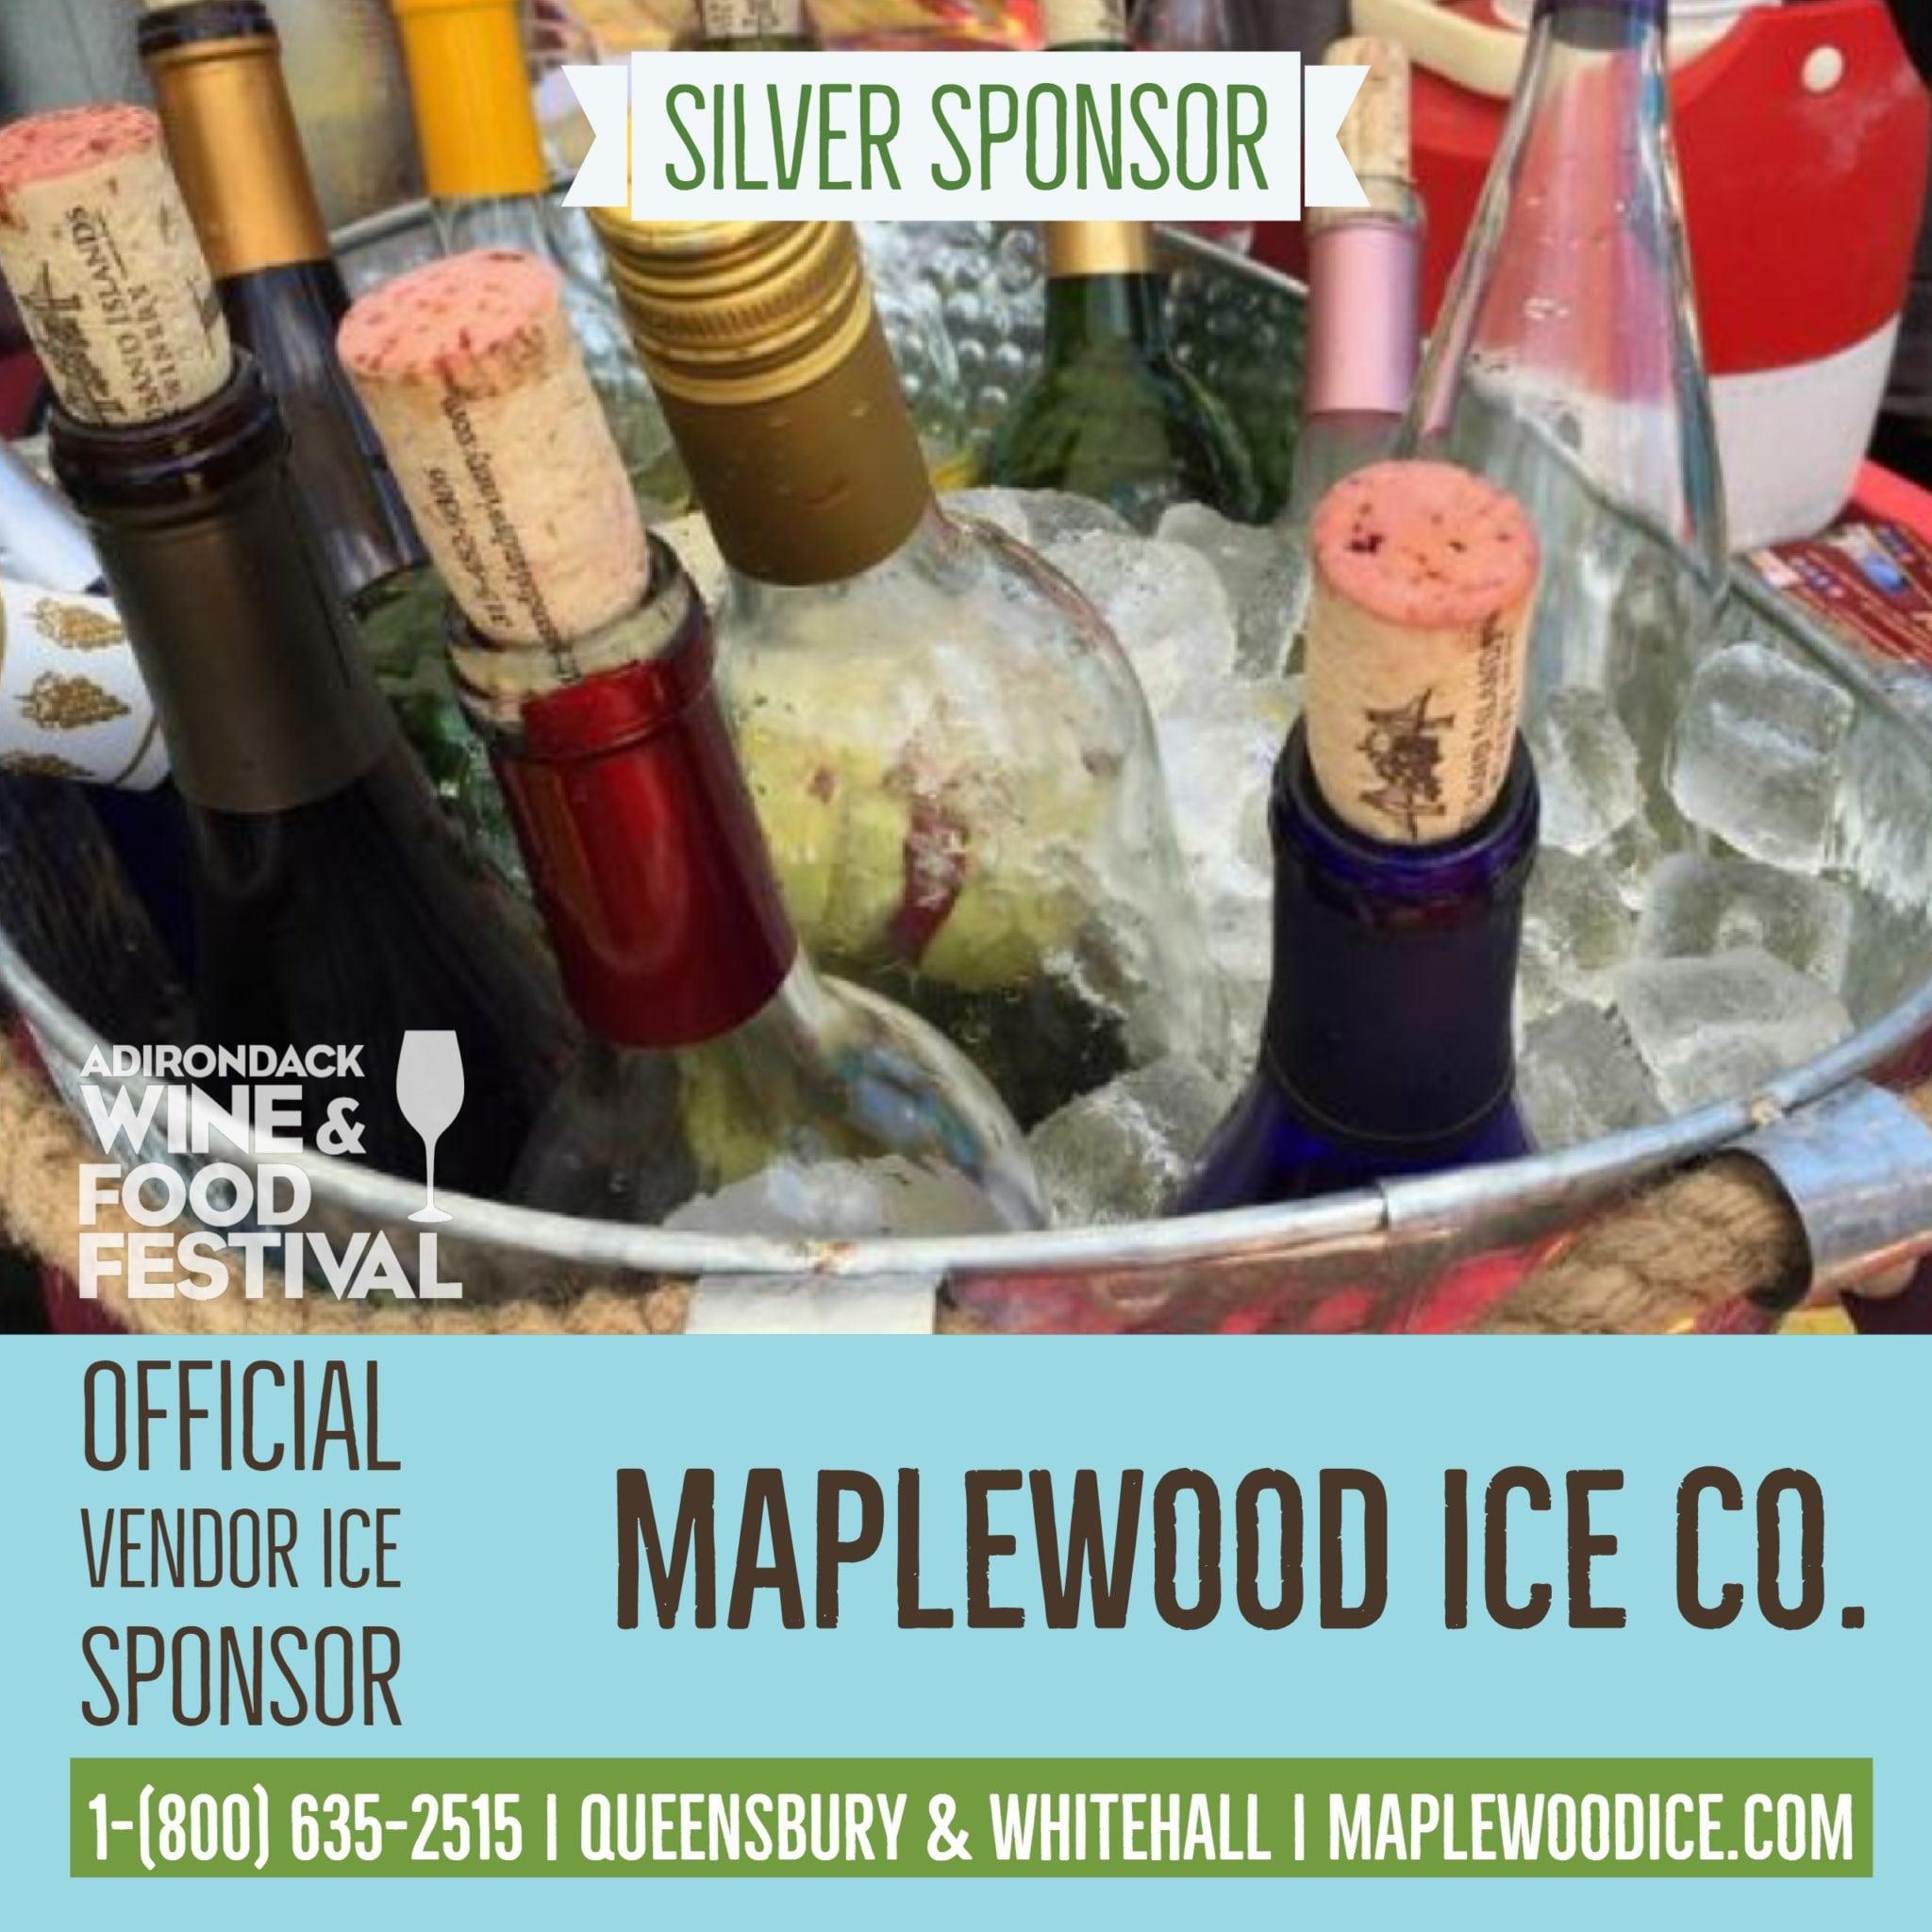 Maplewood Ice